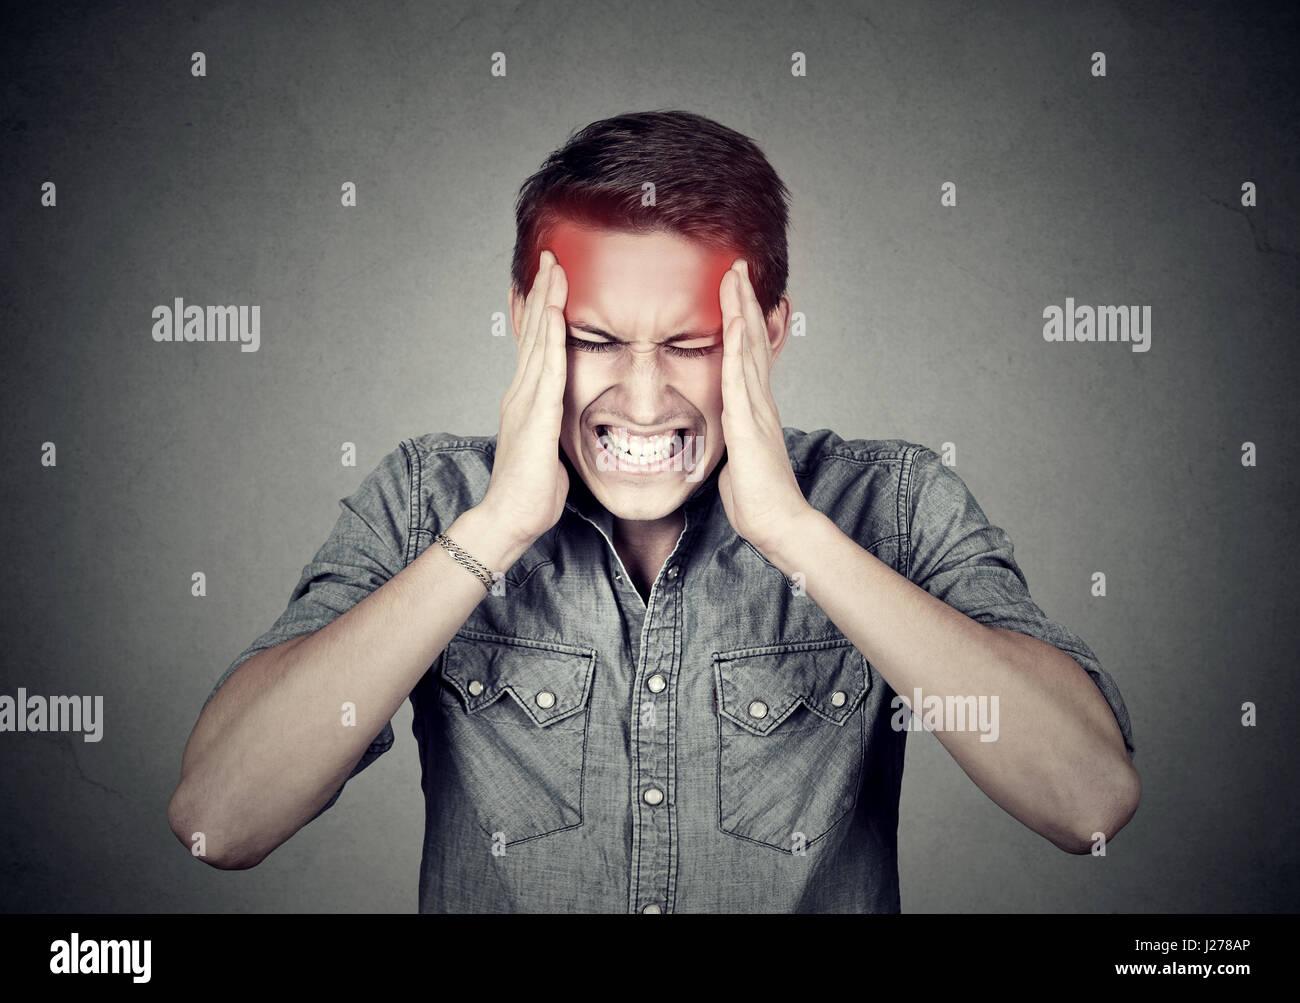 Gestressten Mann mit Kopfschmerzen auf graue Wand Hintergrund isoliert Stockfoto